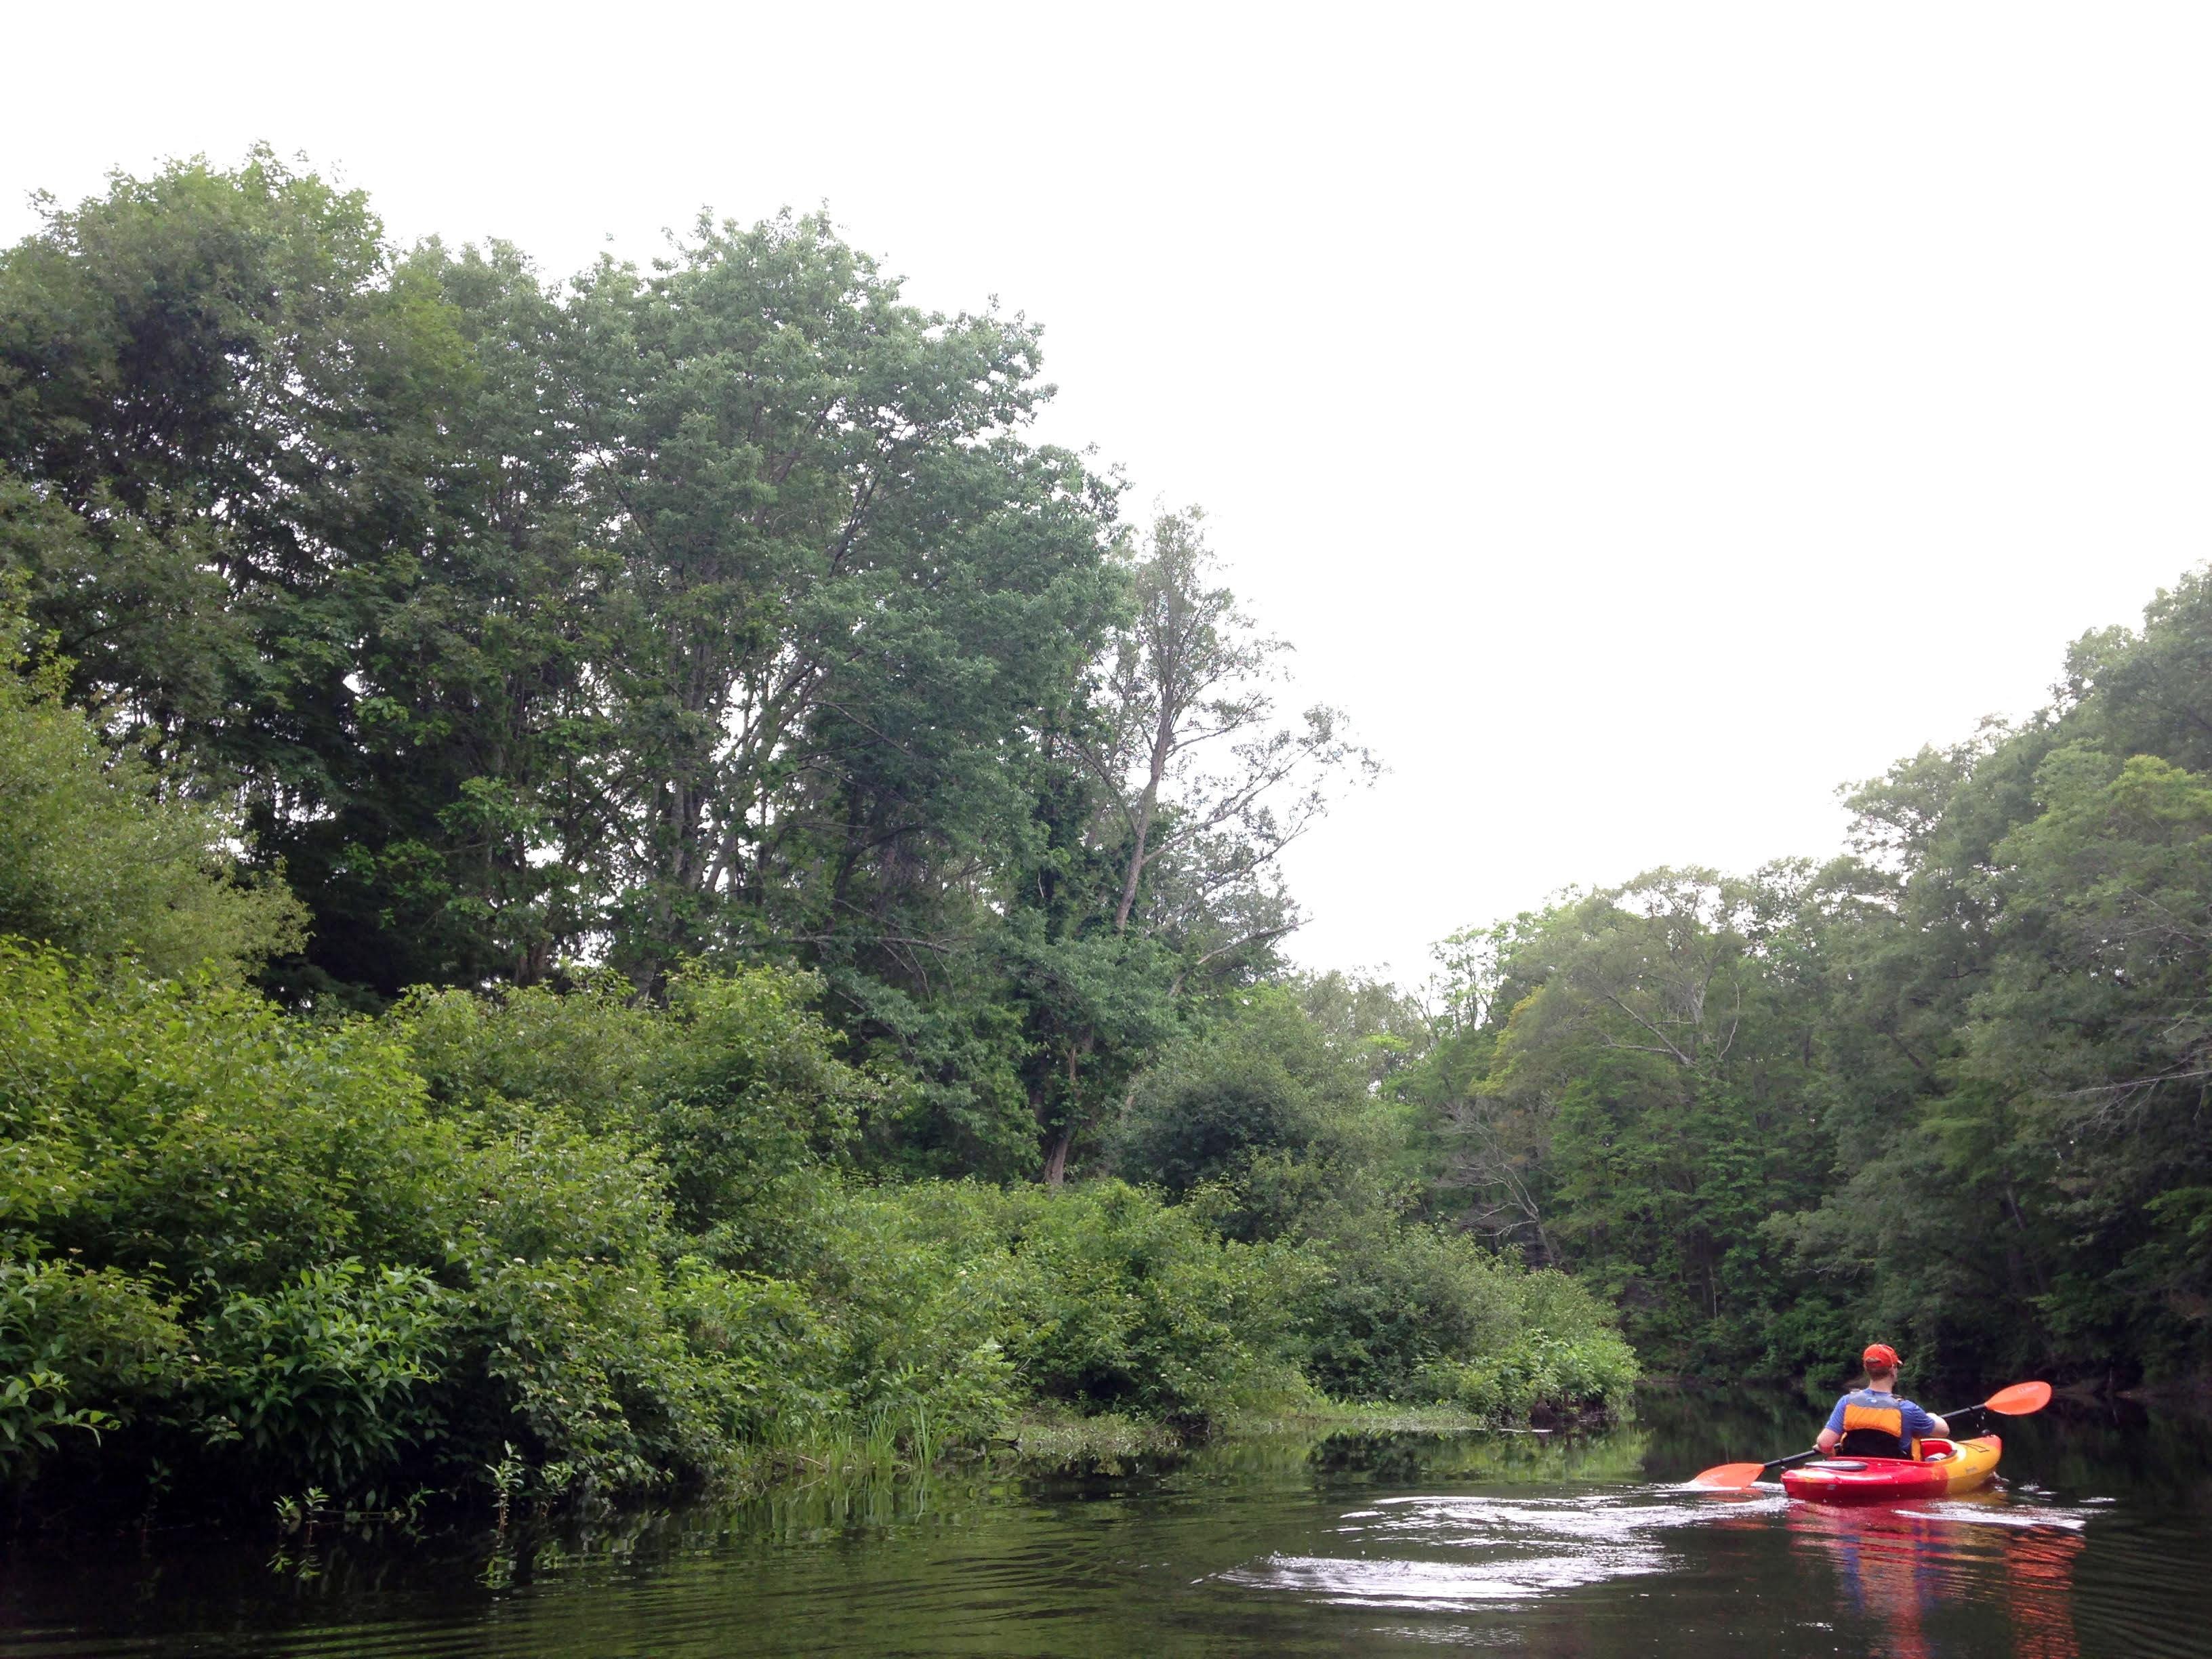 kayaking elm abnk charles river